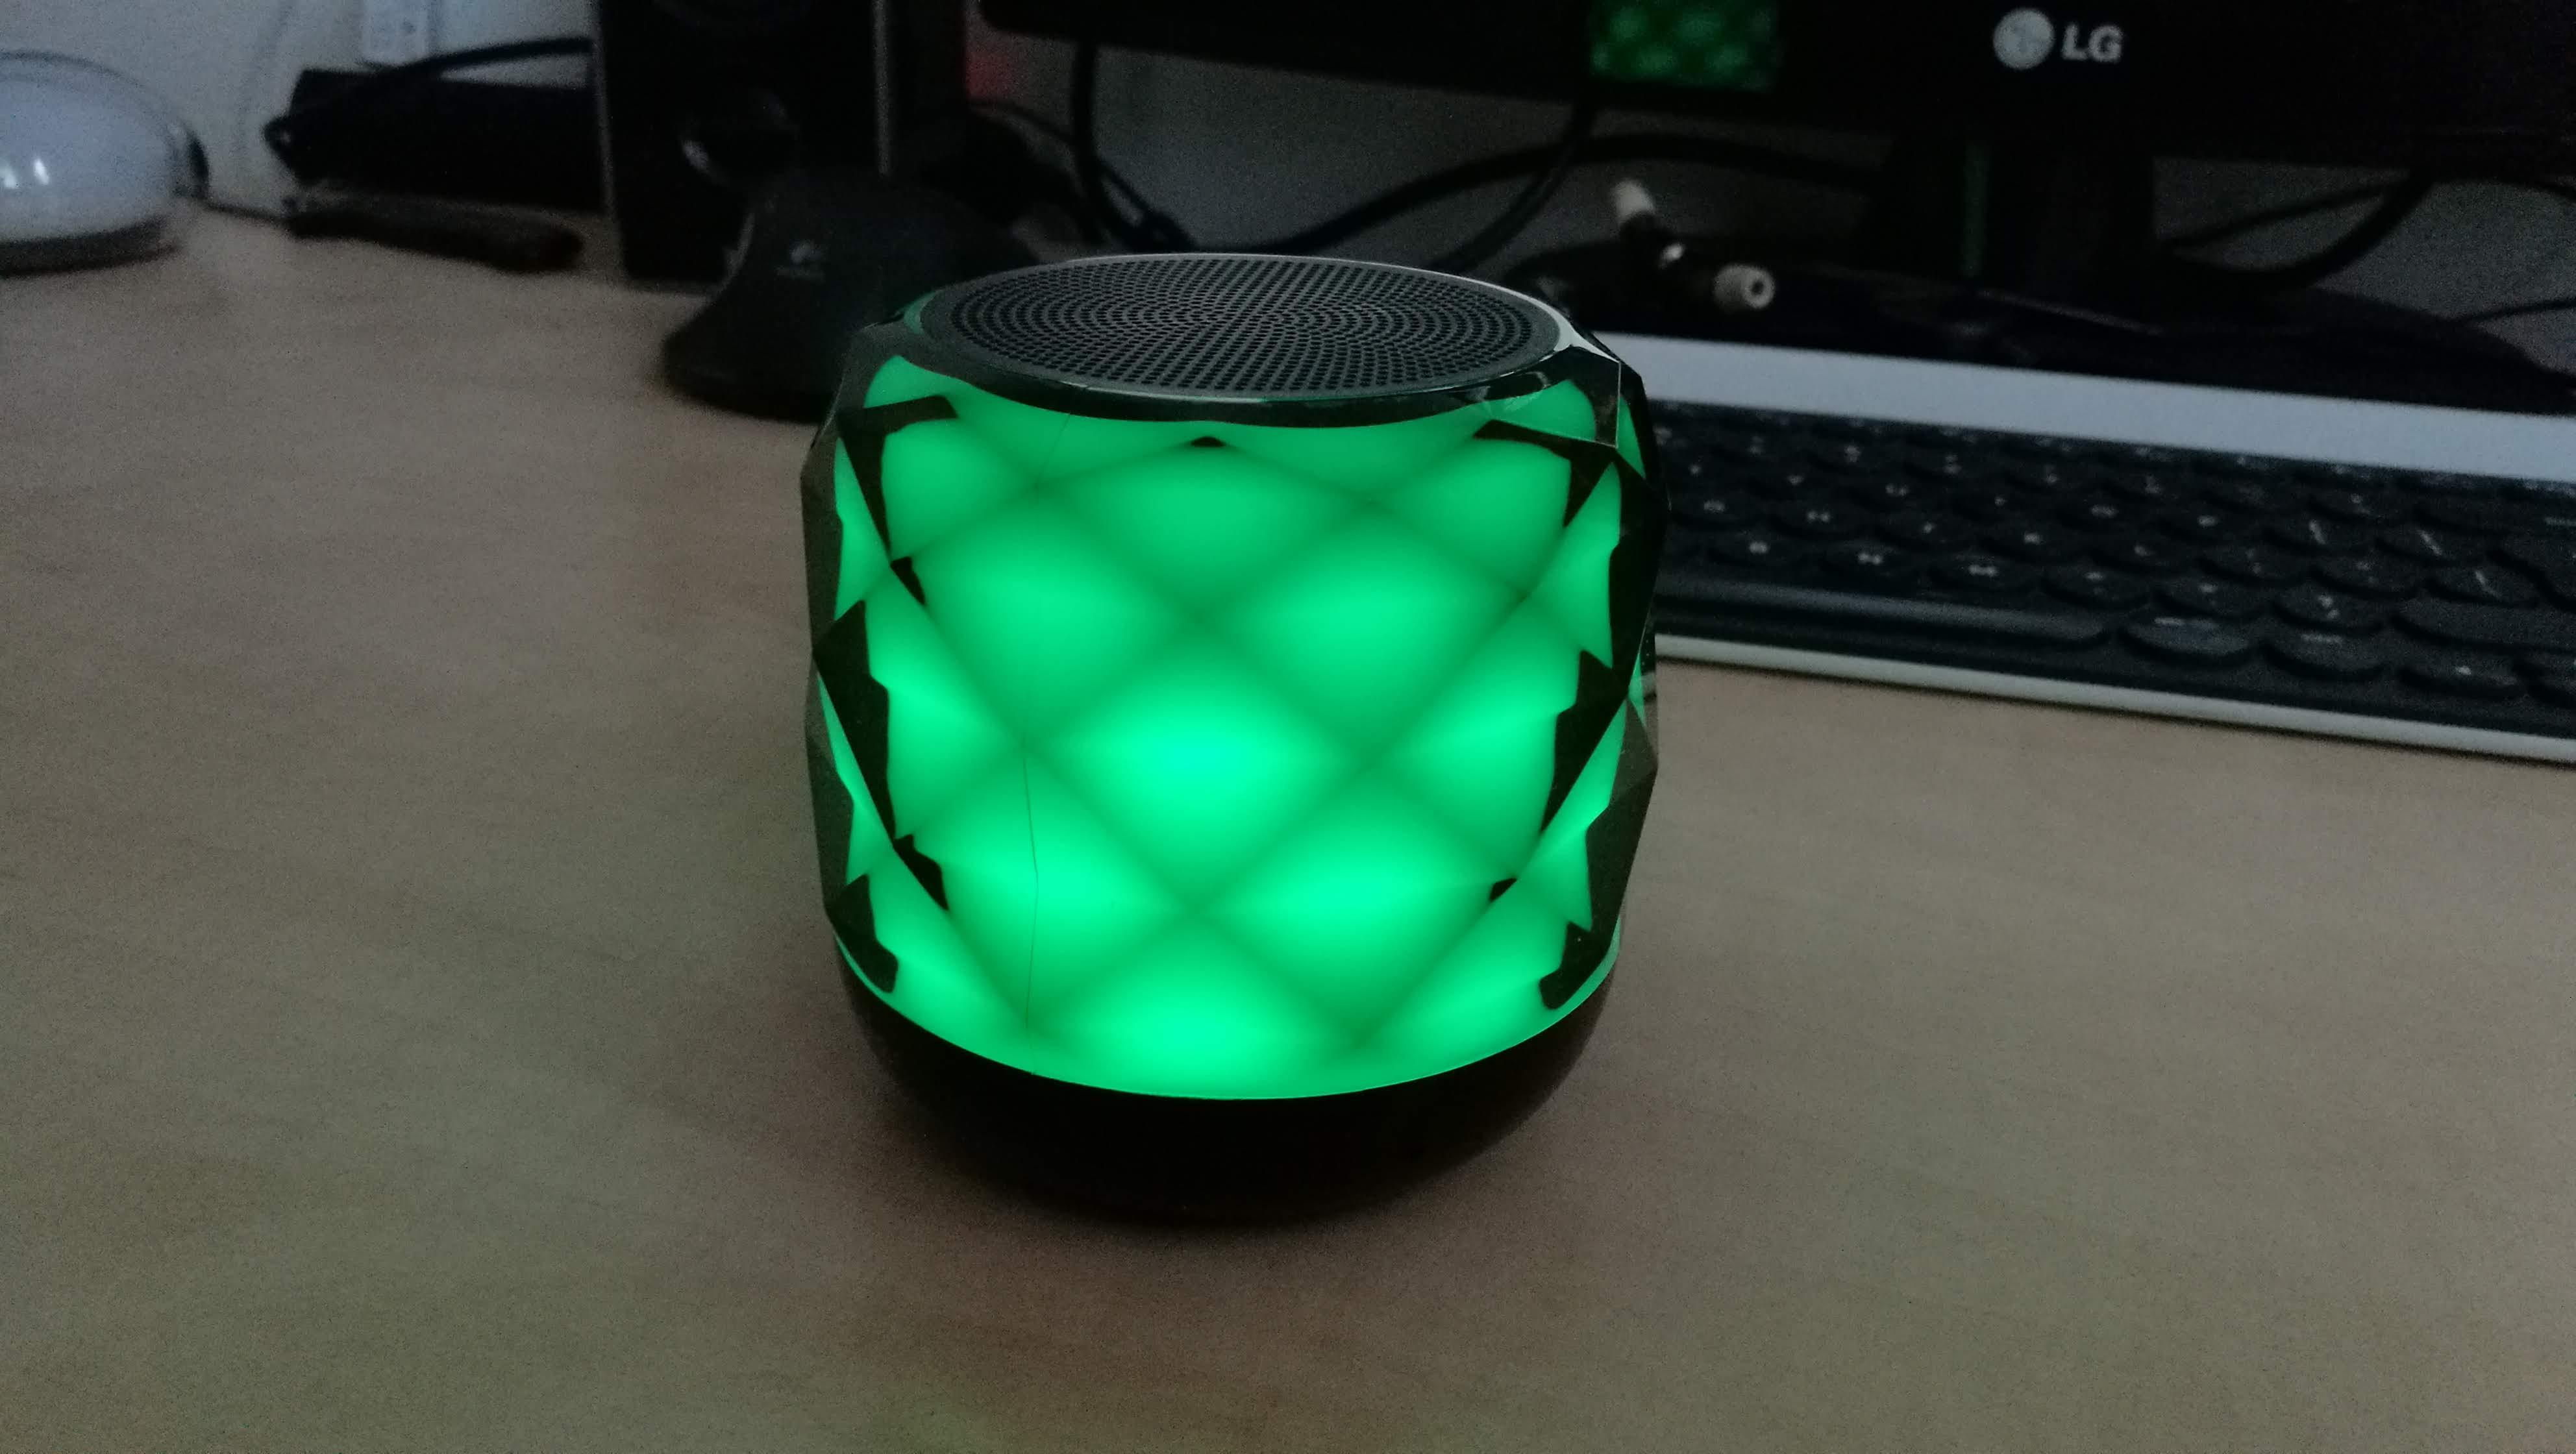 DoCooler RBS-F1 - bezprzewodowy głośnik, który ładniej świeci LED-ami niż gra (recenzja) 26